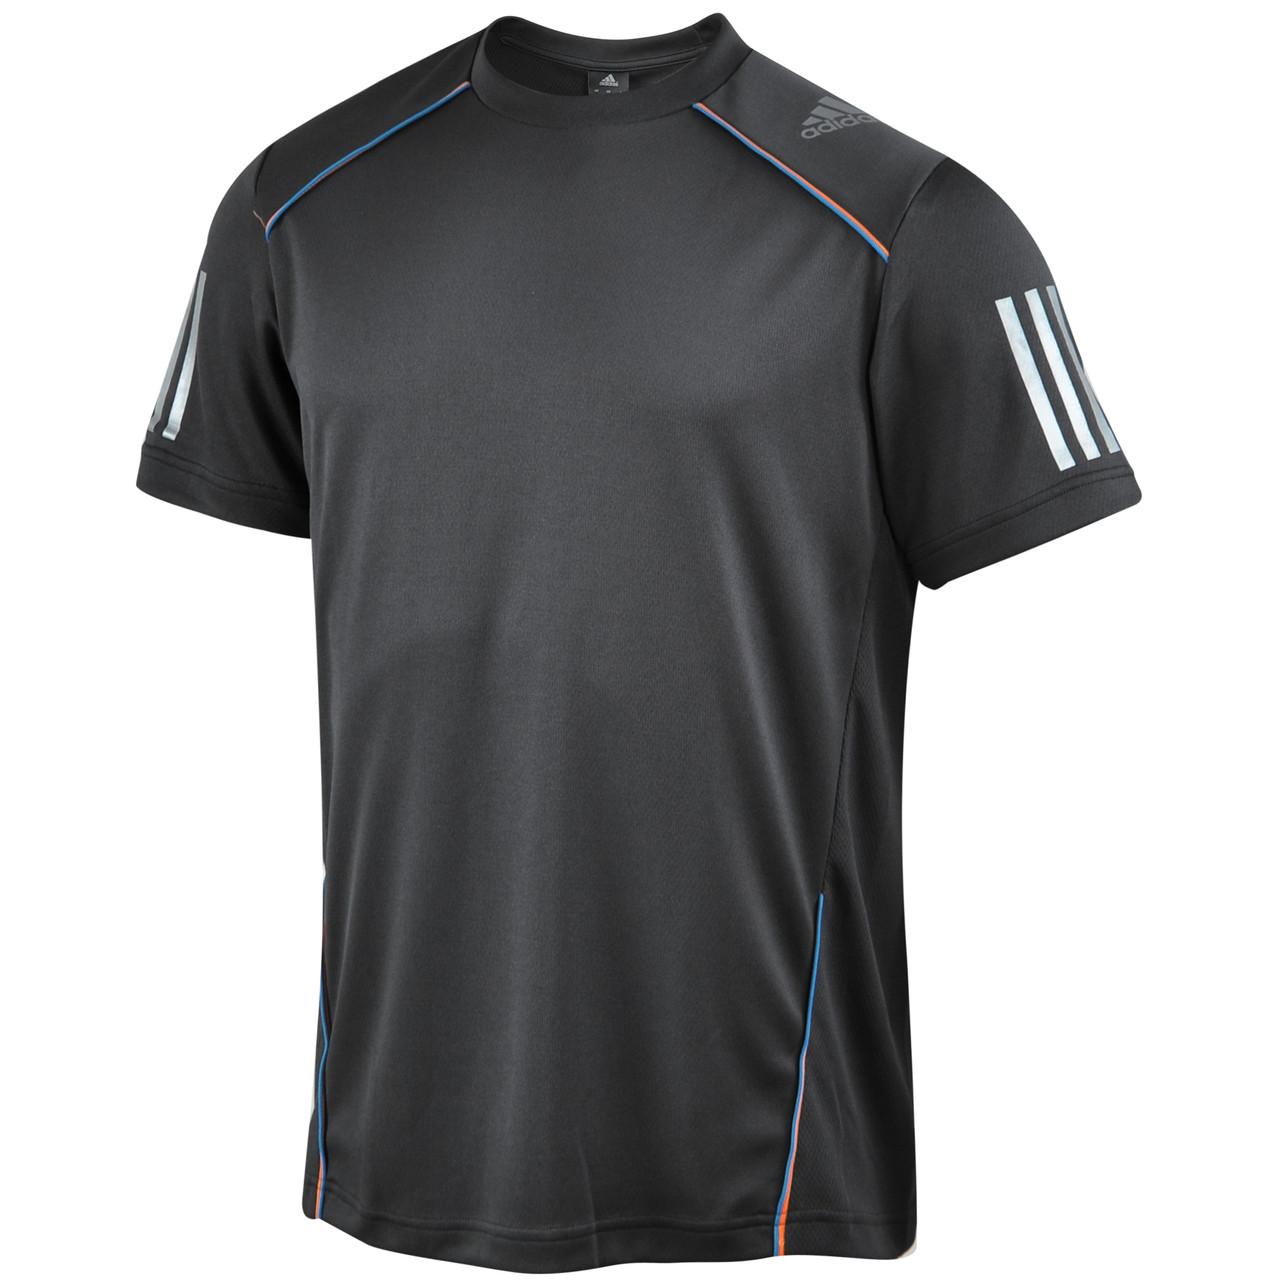 Футболка спортивная, мужская adidas Clima Tee D82238 адидас